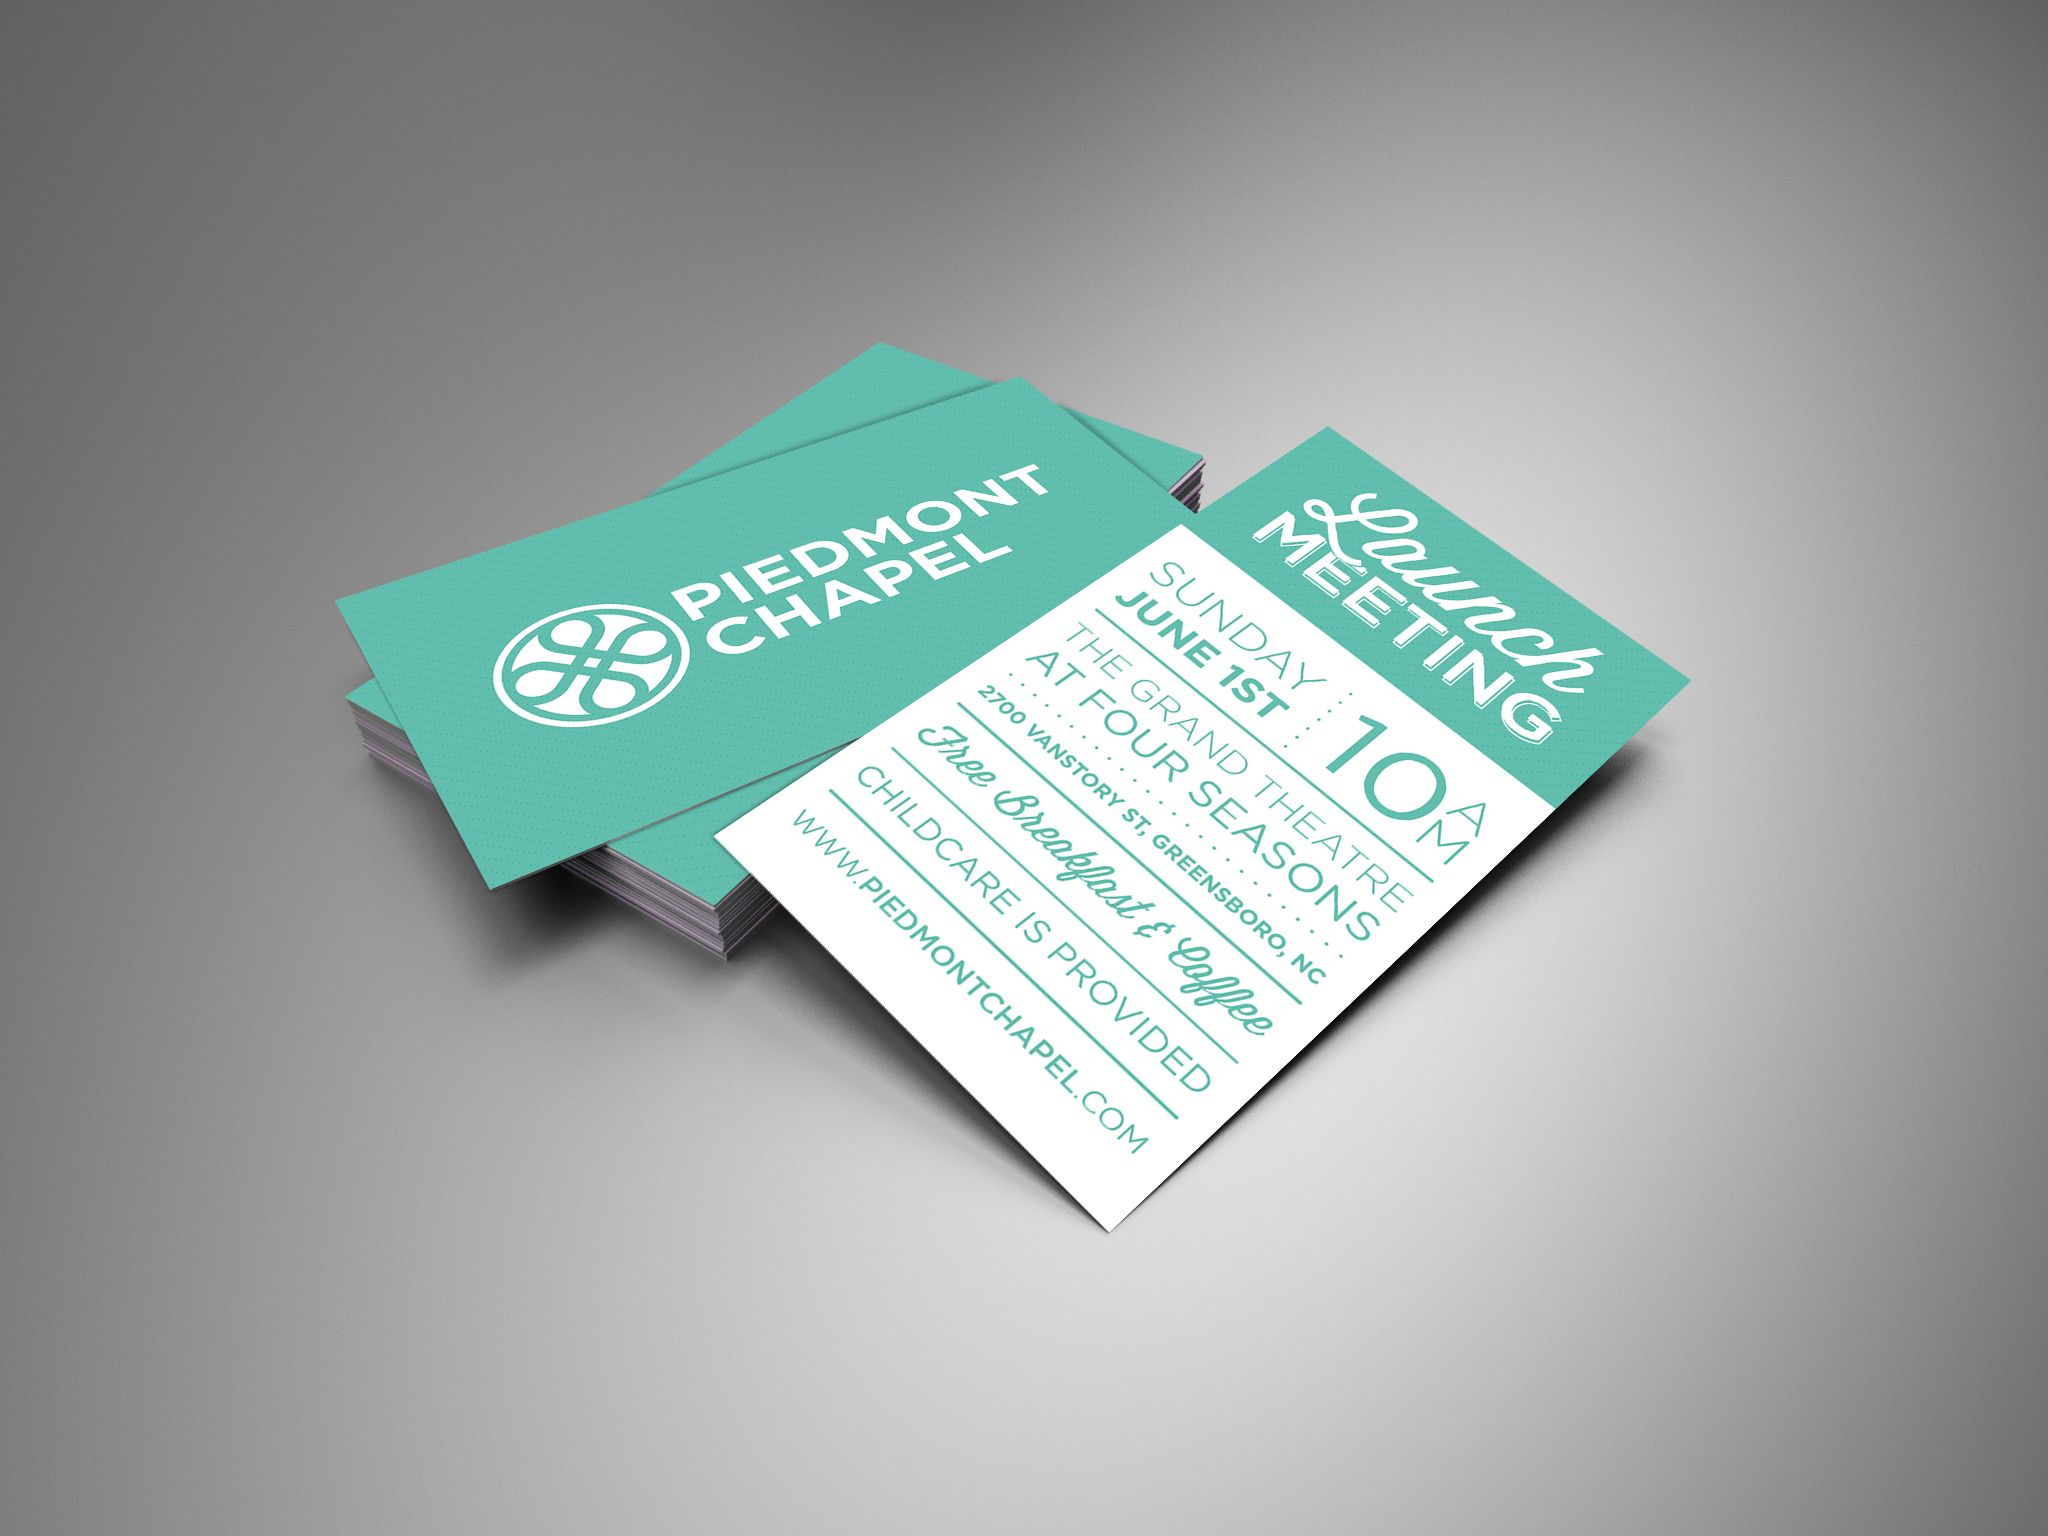 Piedmont chapel invite cards church print ideas church for Church business card designs